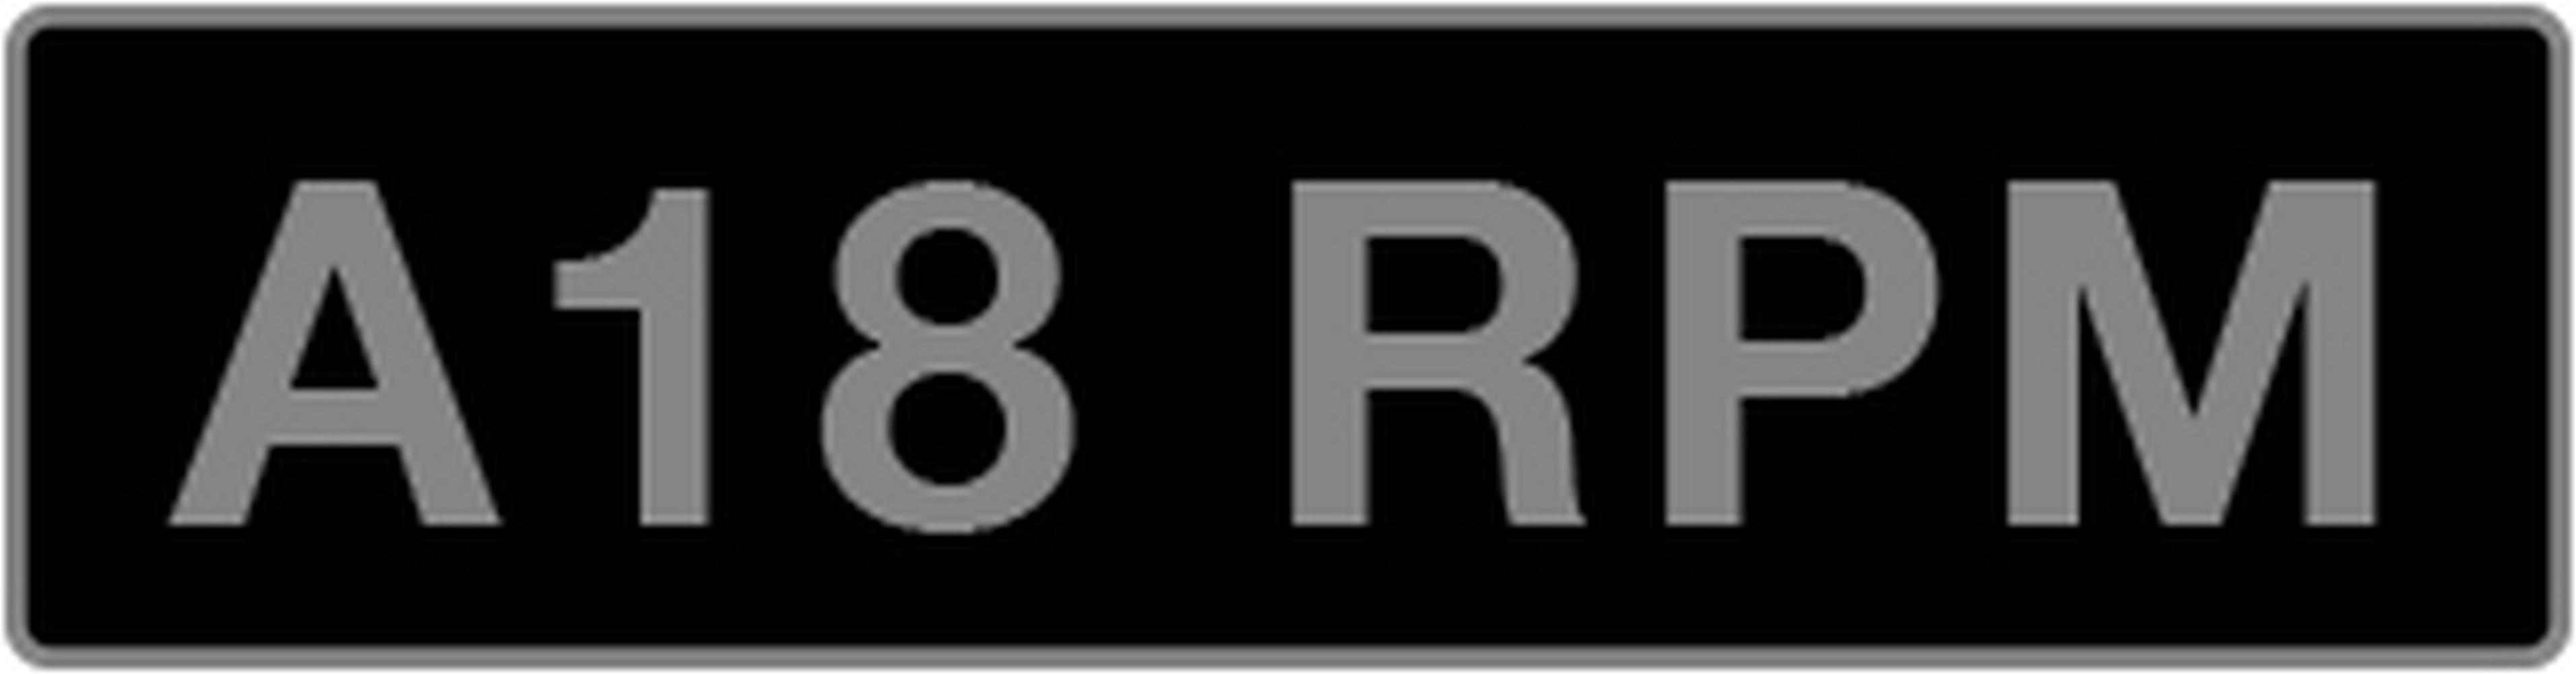 UK Vehicle Registration Number 'A18 RPM',